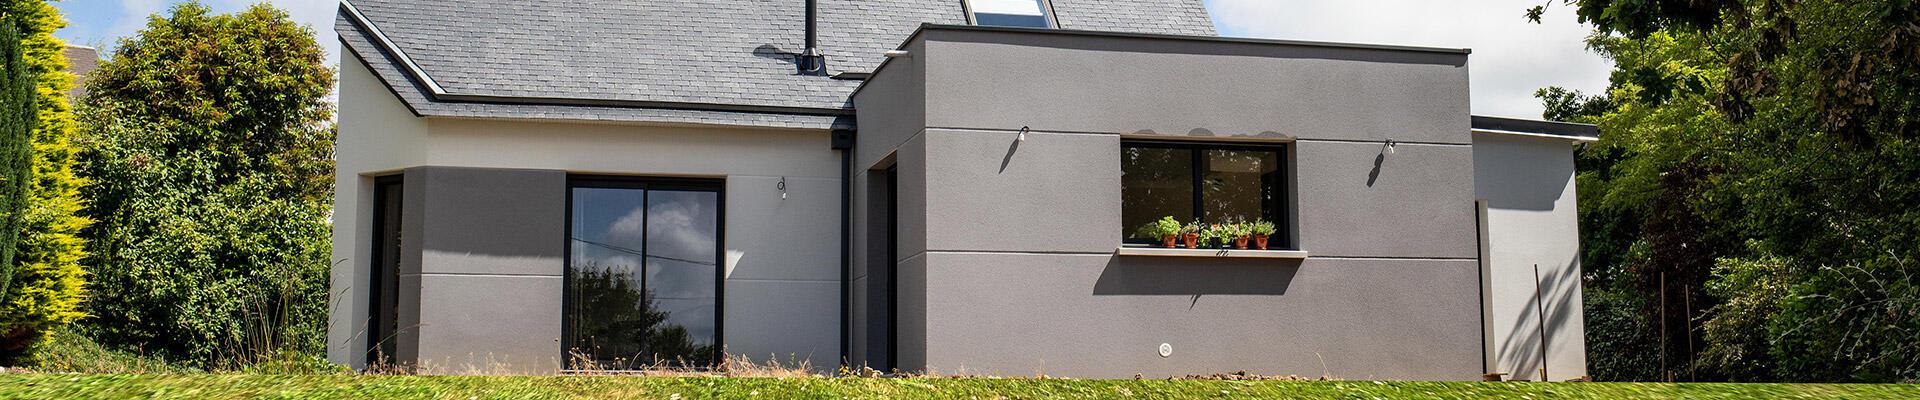 Projet construction : MAISON MODERNE à LONGUEVILLE (50)